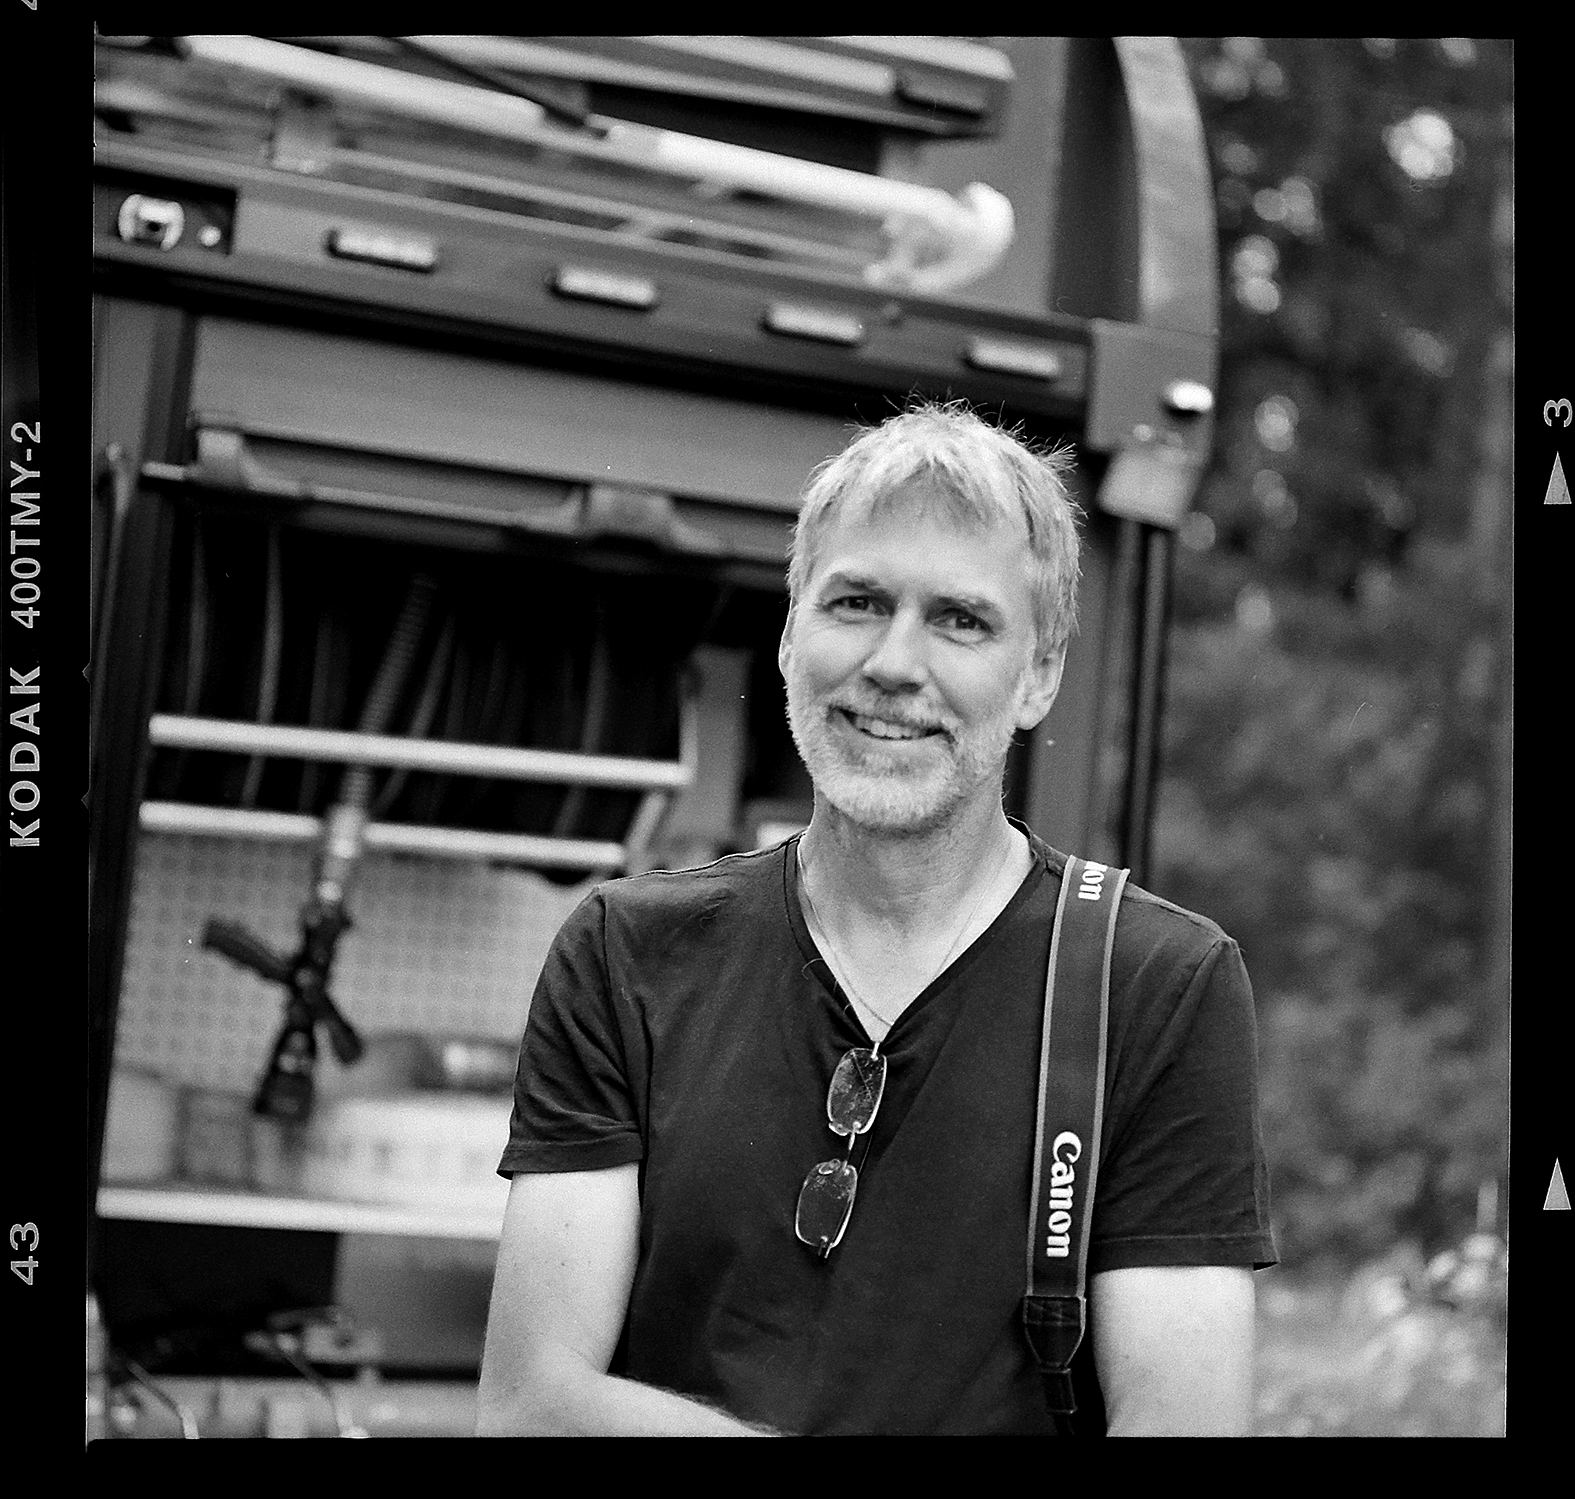 Fotograf Mikael Andersson fotograferad av brandmannen: Andreas Gustafsson. Haselblad 500cm, 150mm, f4-1/250.